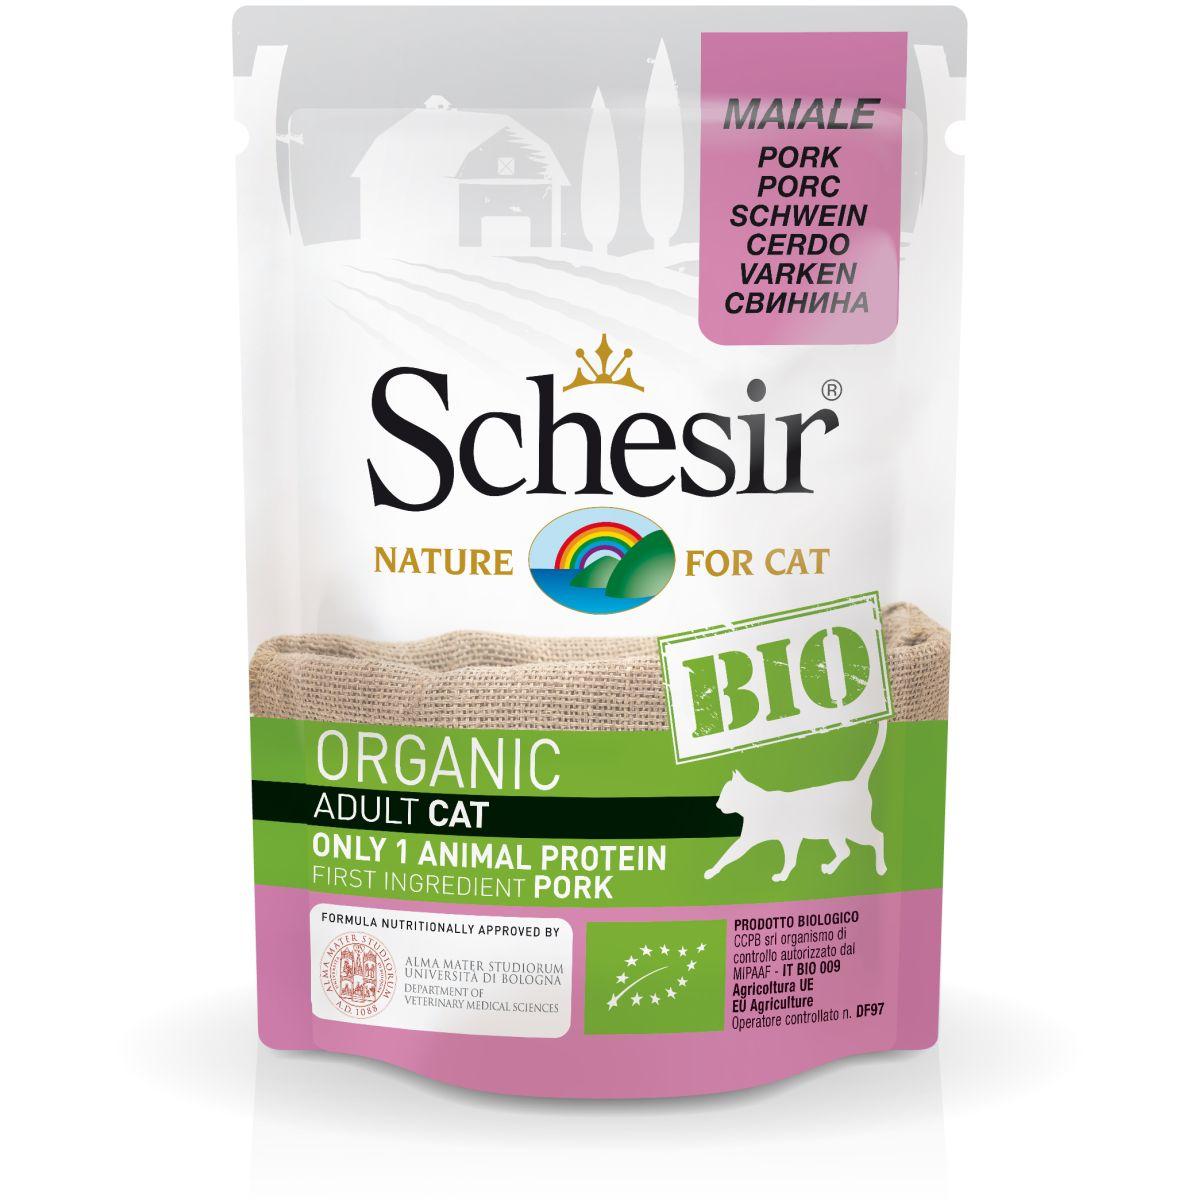 Schesir BIO Organic Varken